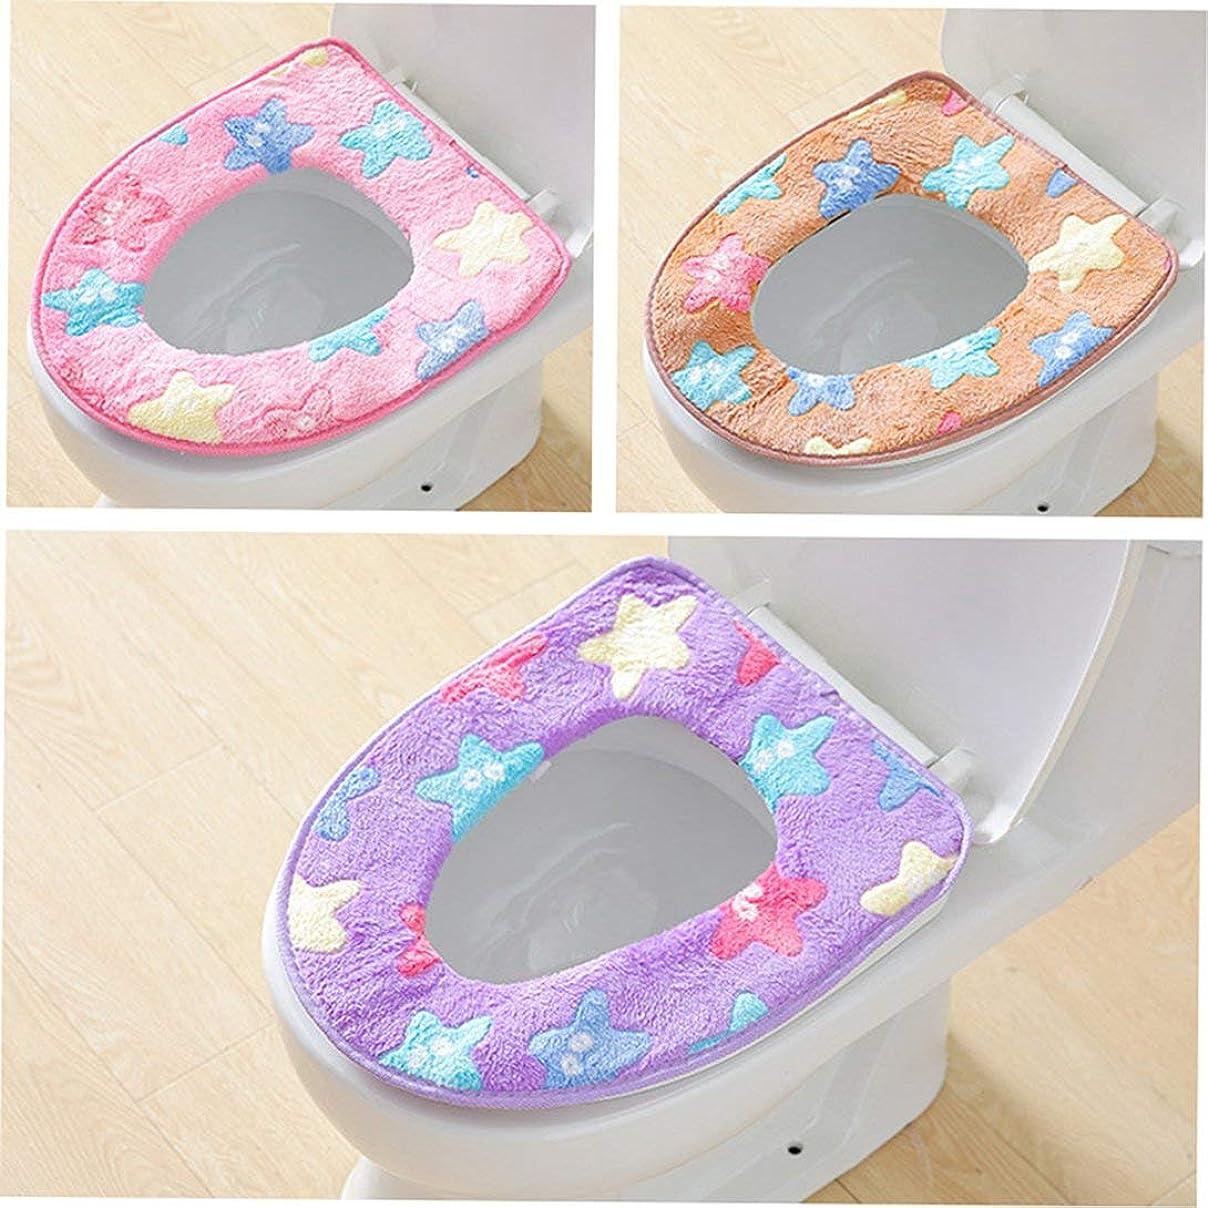 憤るスポンジオフセットSwiftgood 浴室トイレ席クローゼット洗えるソフトウォーマーマットカバーパッドクッション